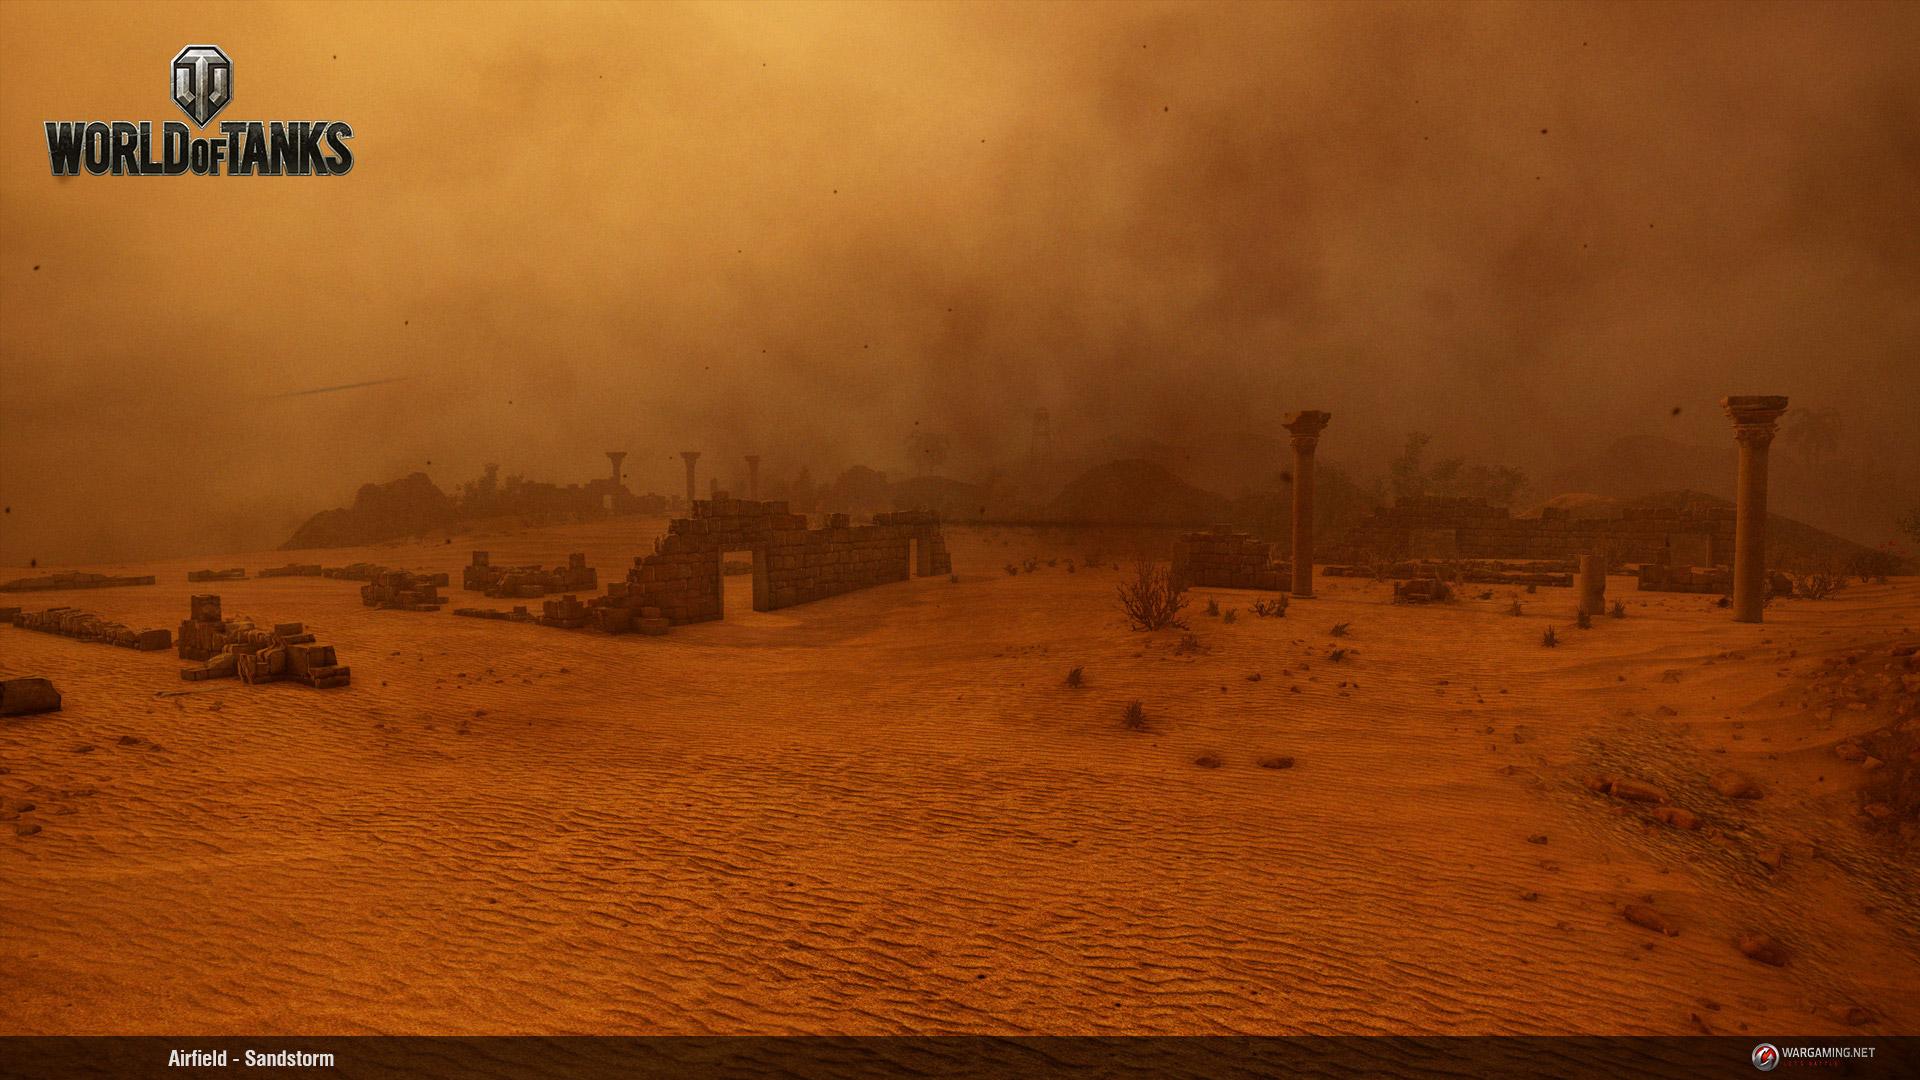 Branded Airfield-sandstorm1